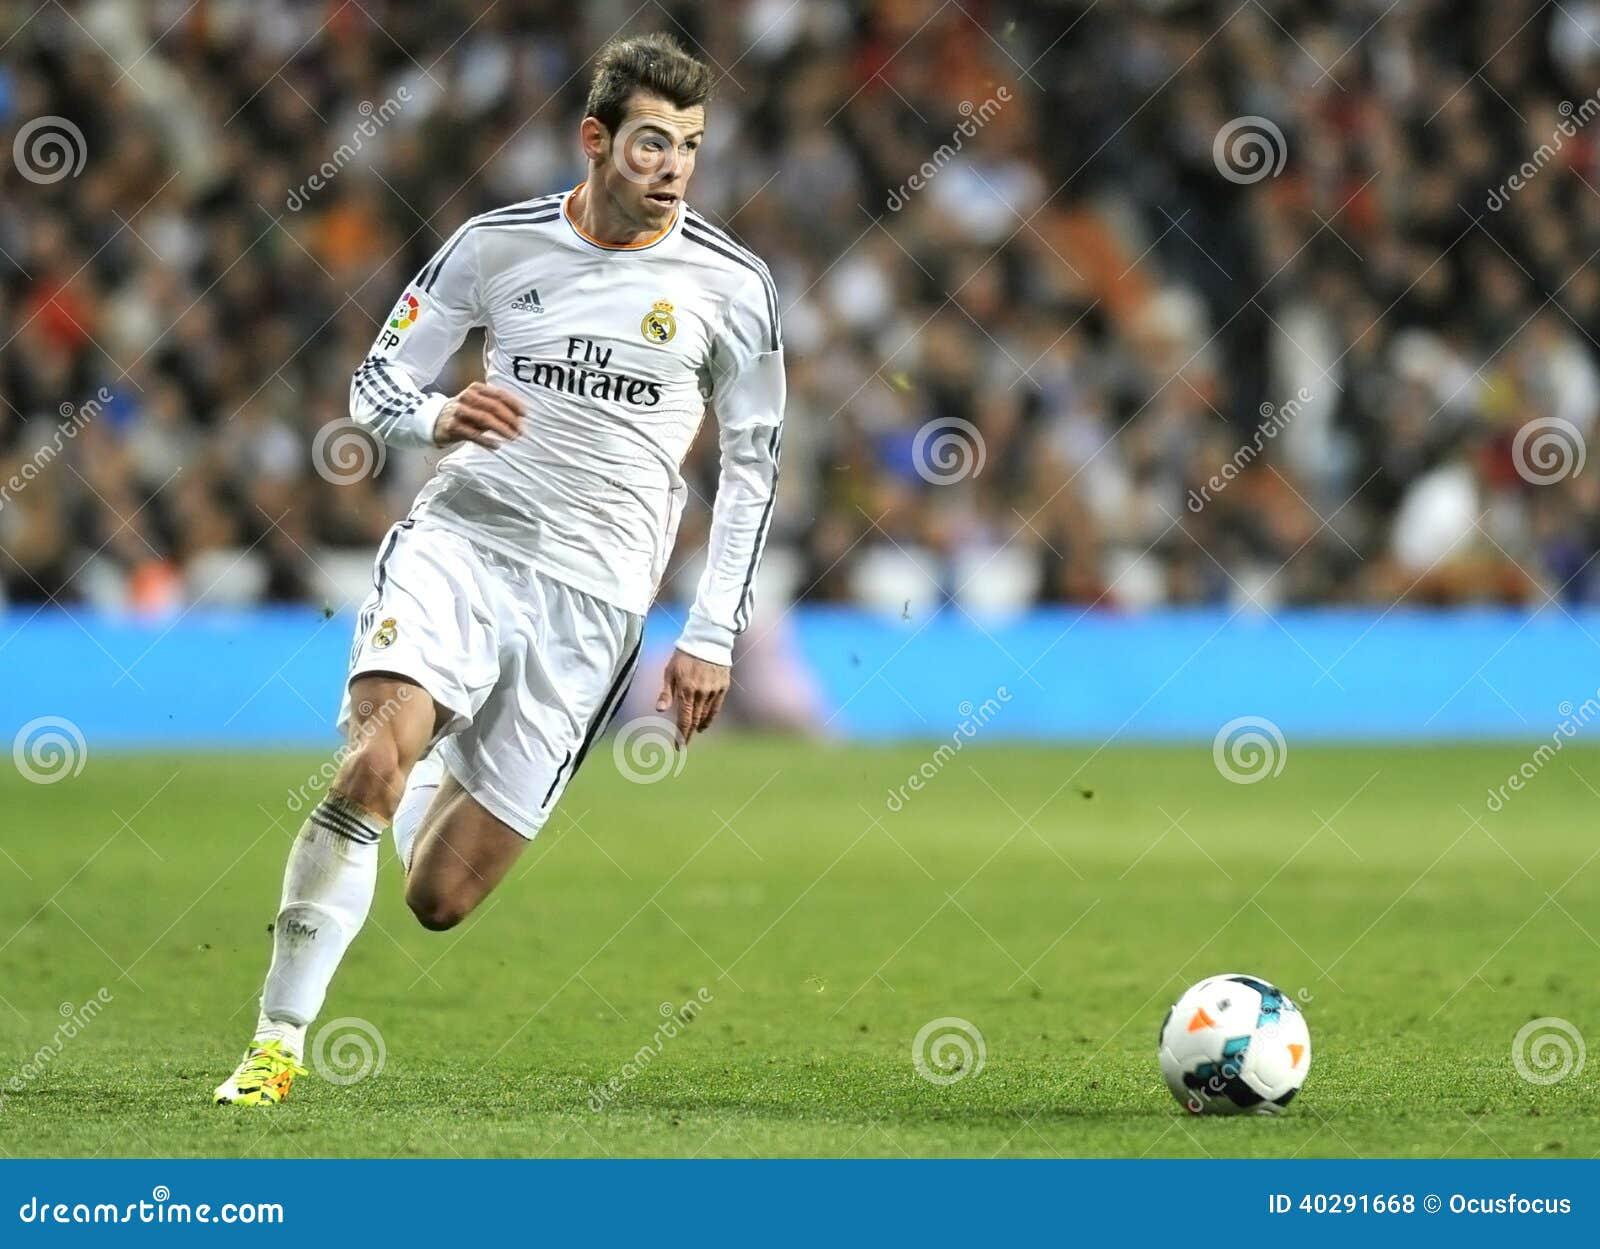 Связка Gareth Real Madrid бежит с шариком в встречном нападении